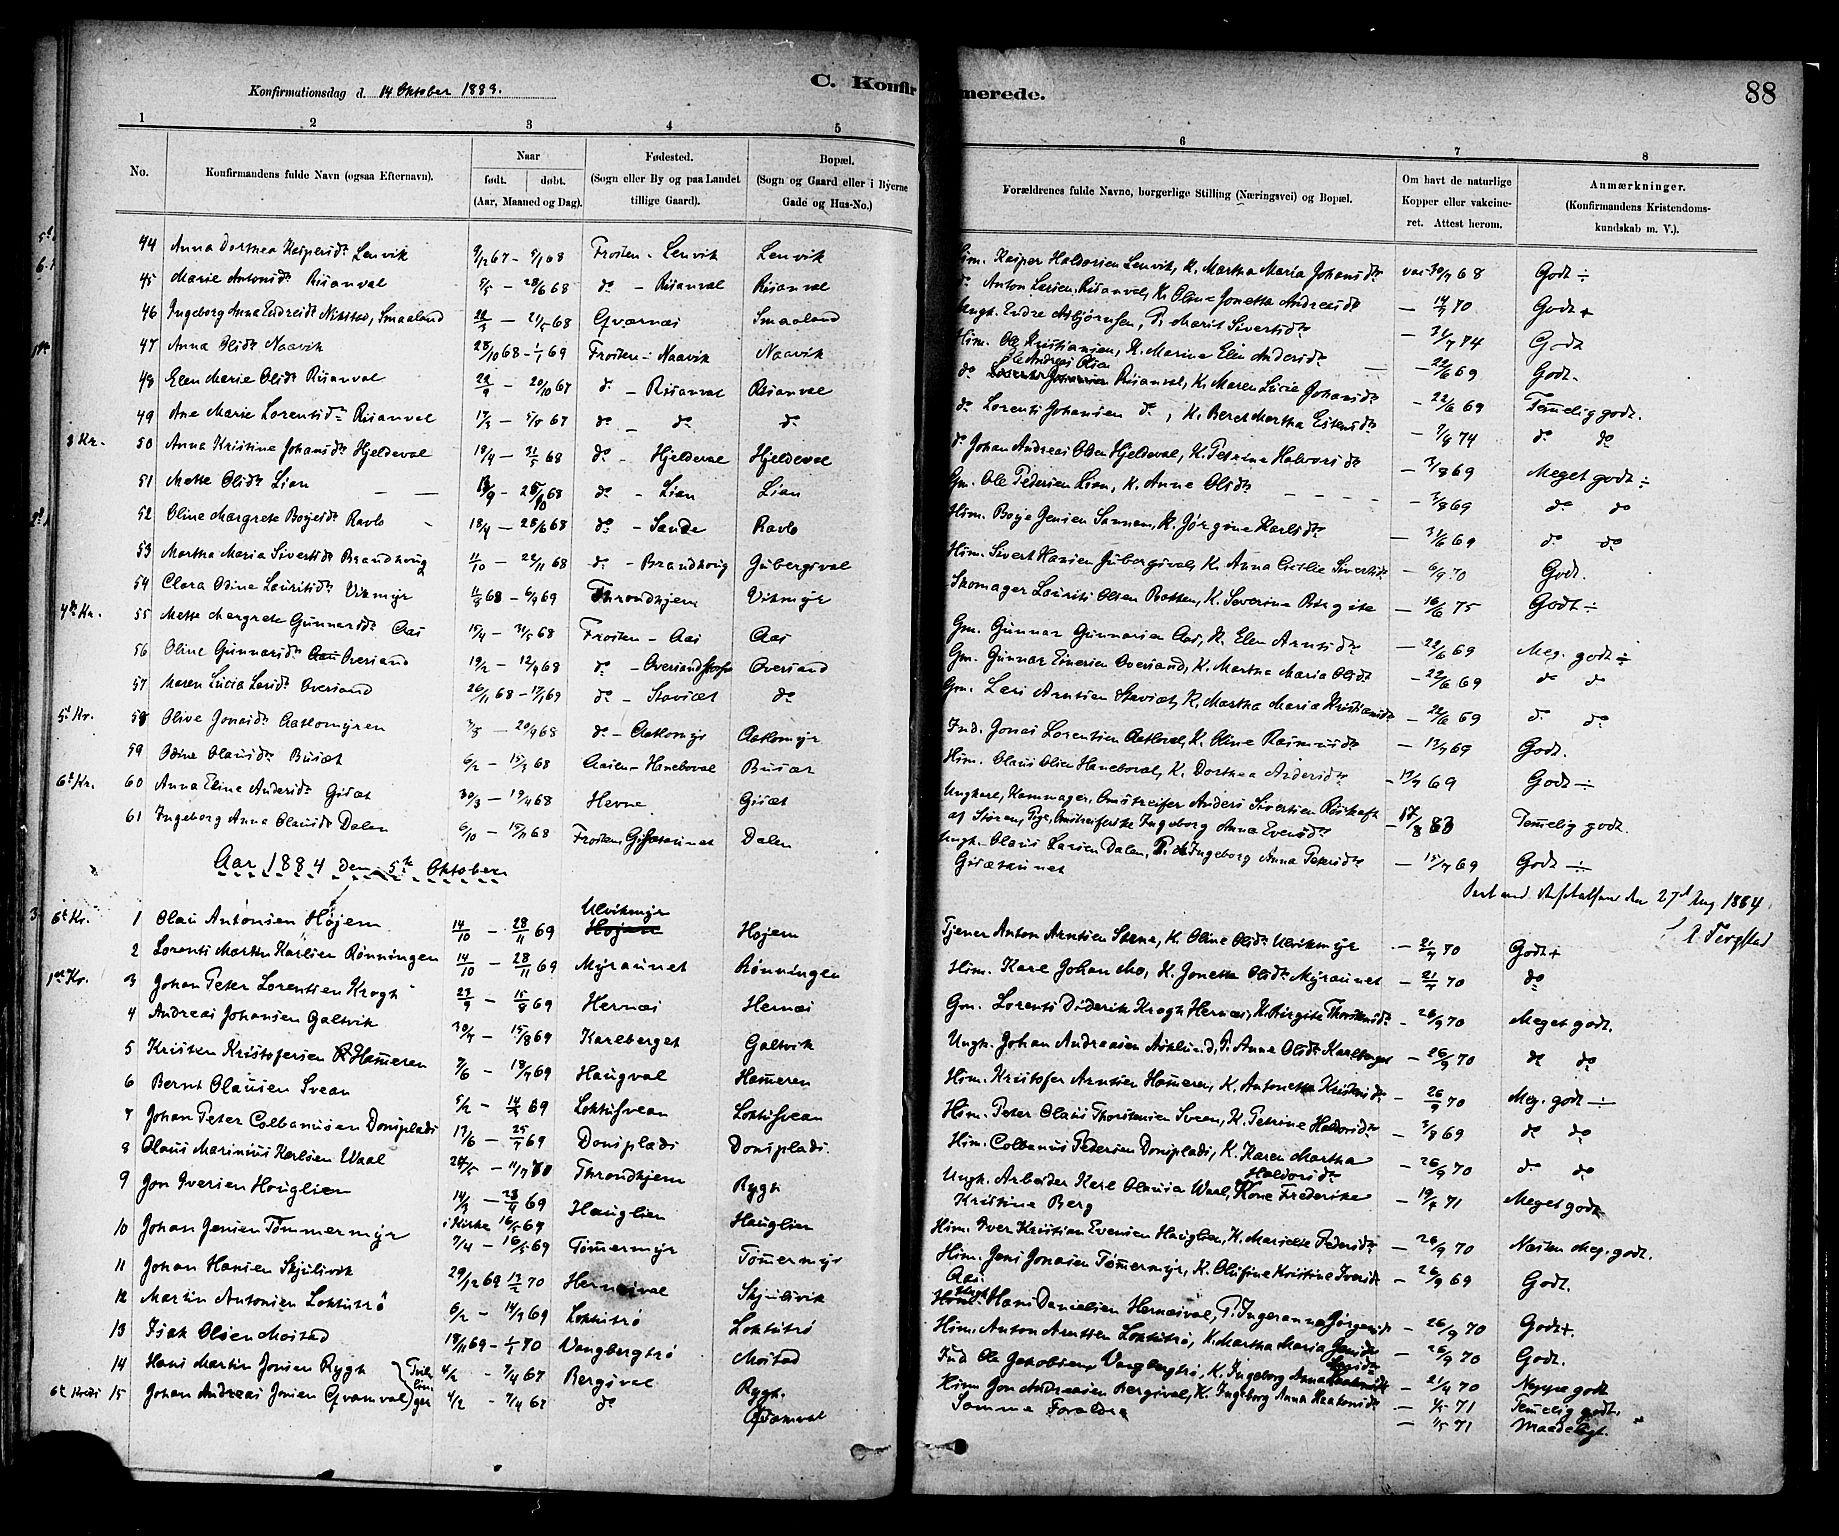 SAT, Ministerialprotokoller, klokkerbøker og fødselsregistre - Nord-Trøndelag, 713/L0120: Ministerialbok nr. 713A09, 1878-1887, s. 88